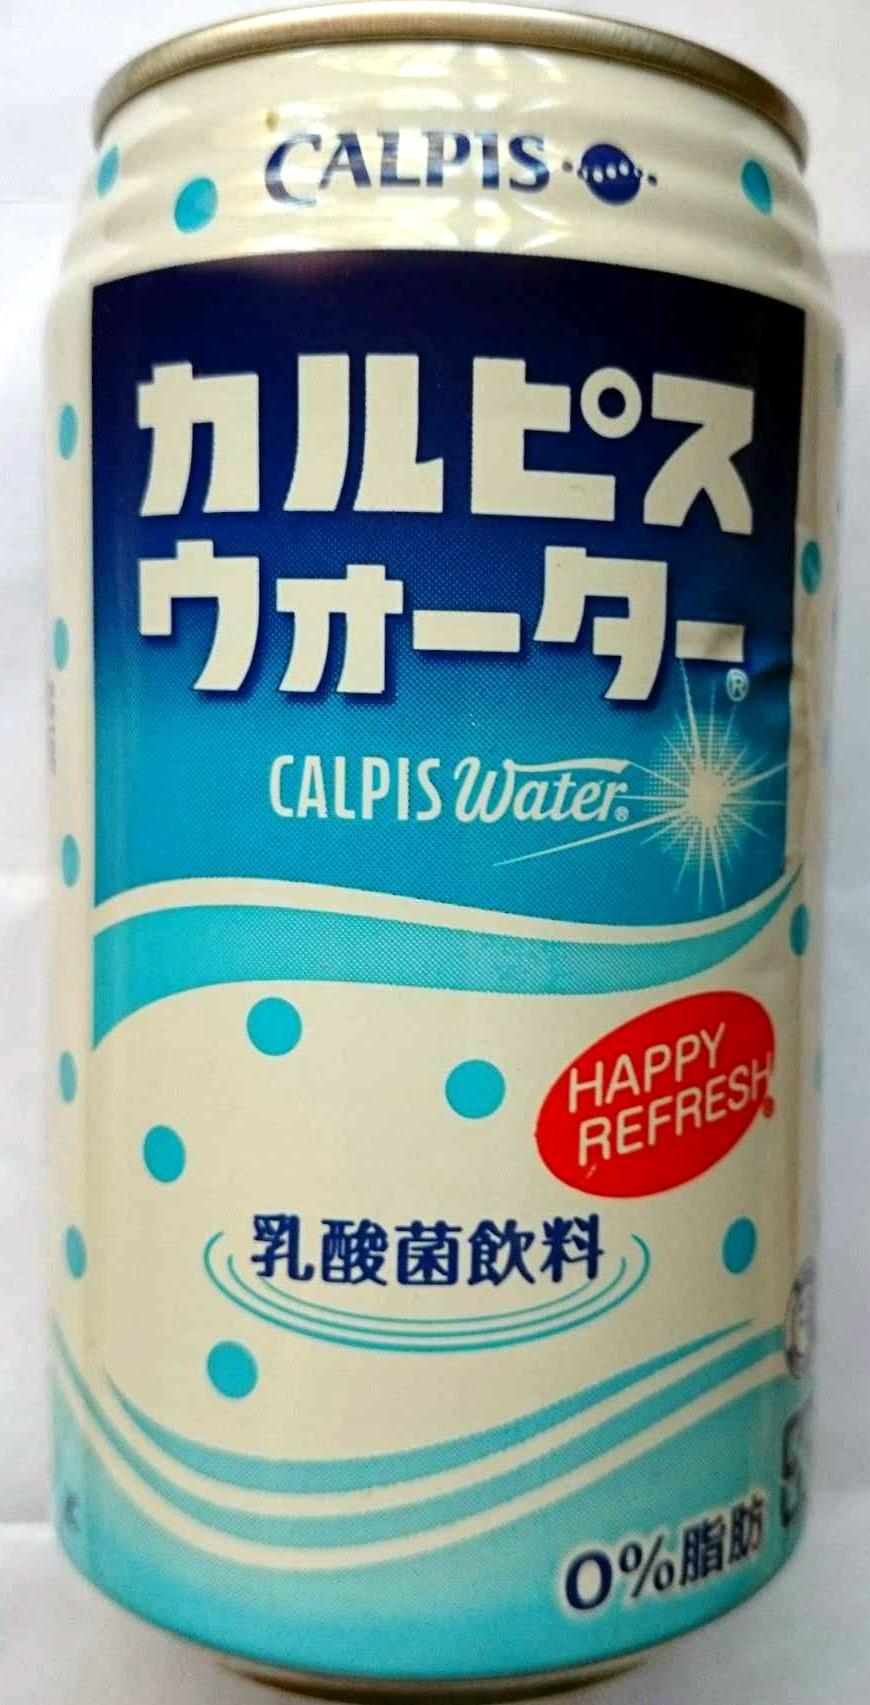 Calpis water - Product - en